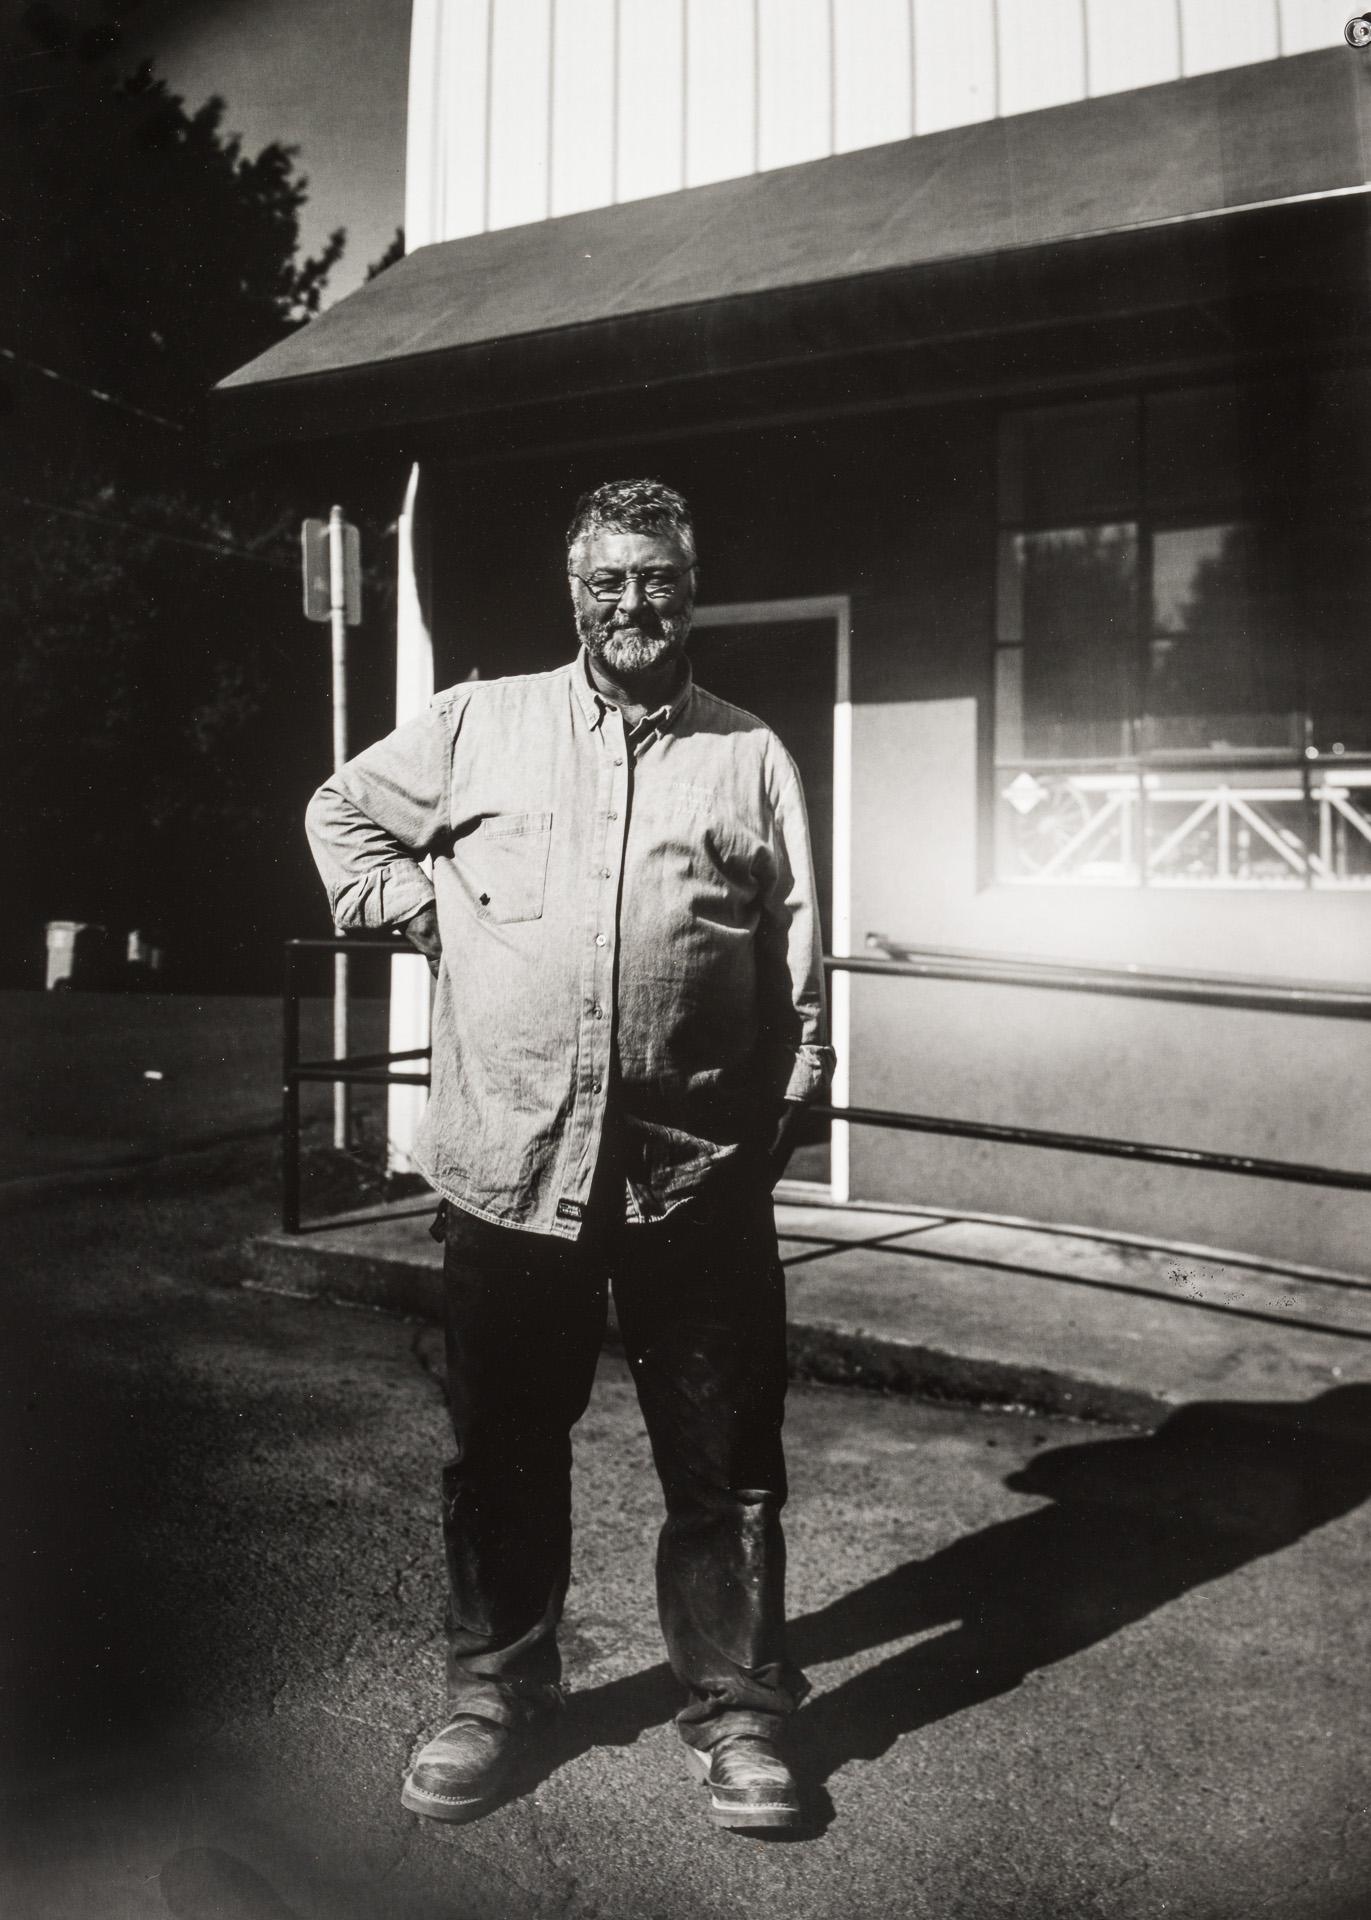 Portland Oregon based wagon maker and craftsman Rob Lewis. Photo ©2018 Stephen Takacs Photography